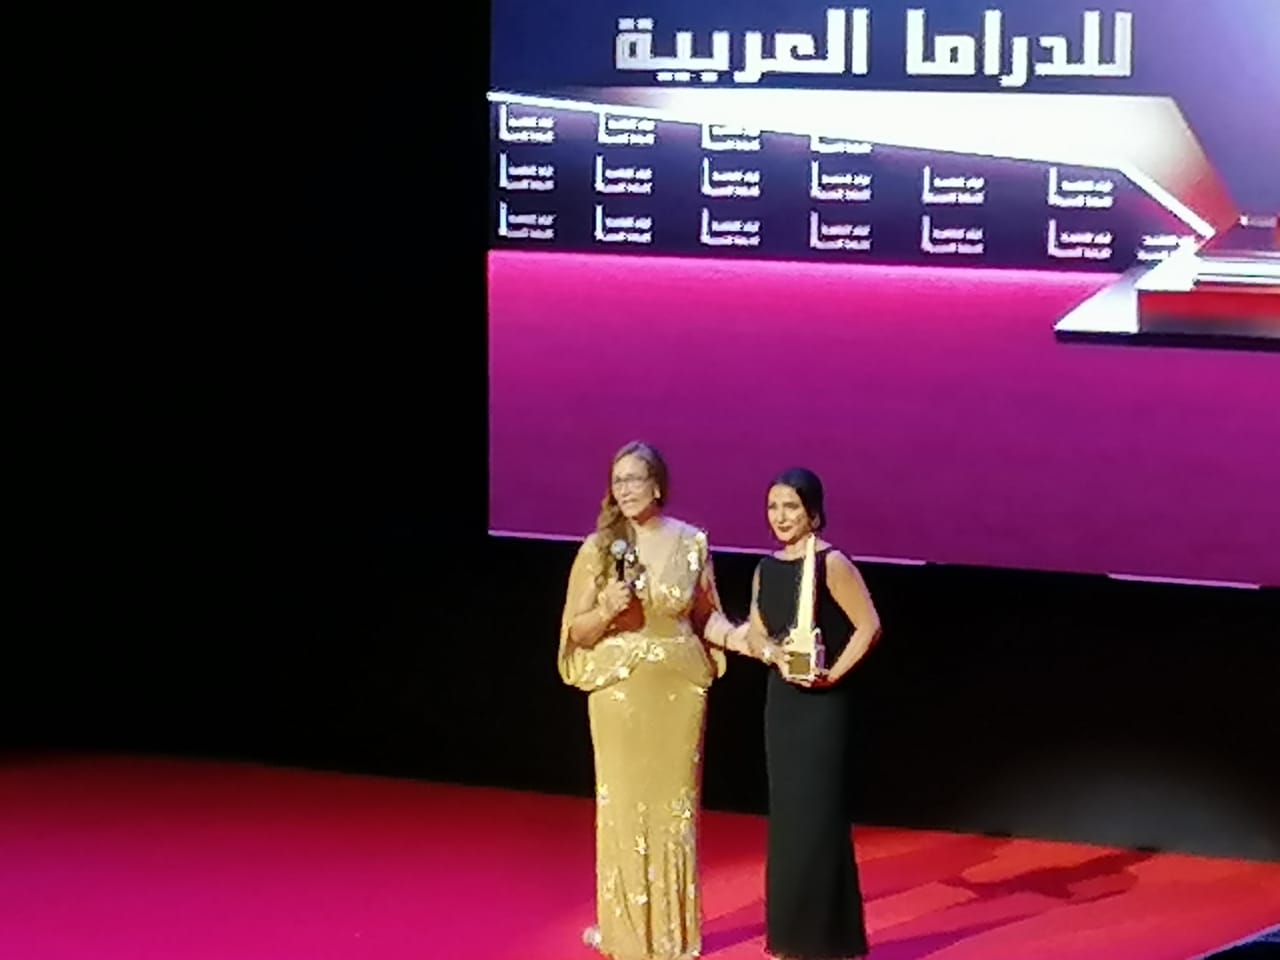 روجينا تهدي جائزة أول بطولة نسائية لزوجها وأولادها وتشكر أيام القاهرة للدراما العربية